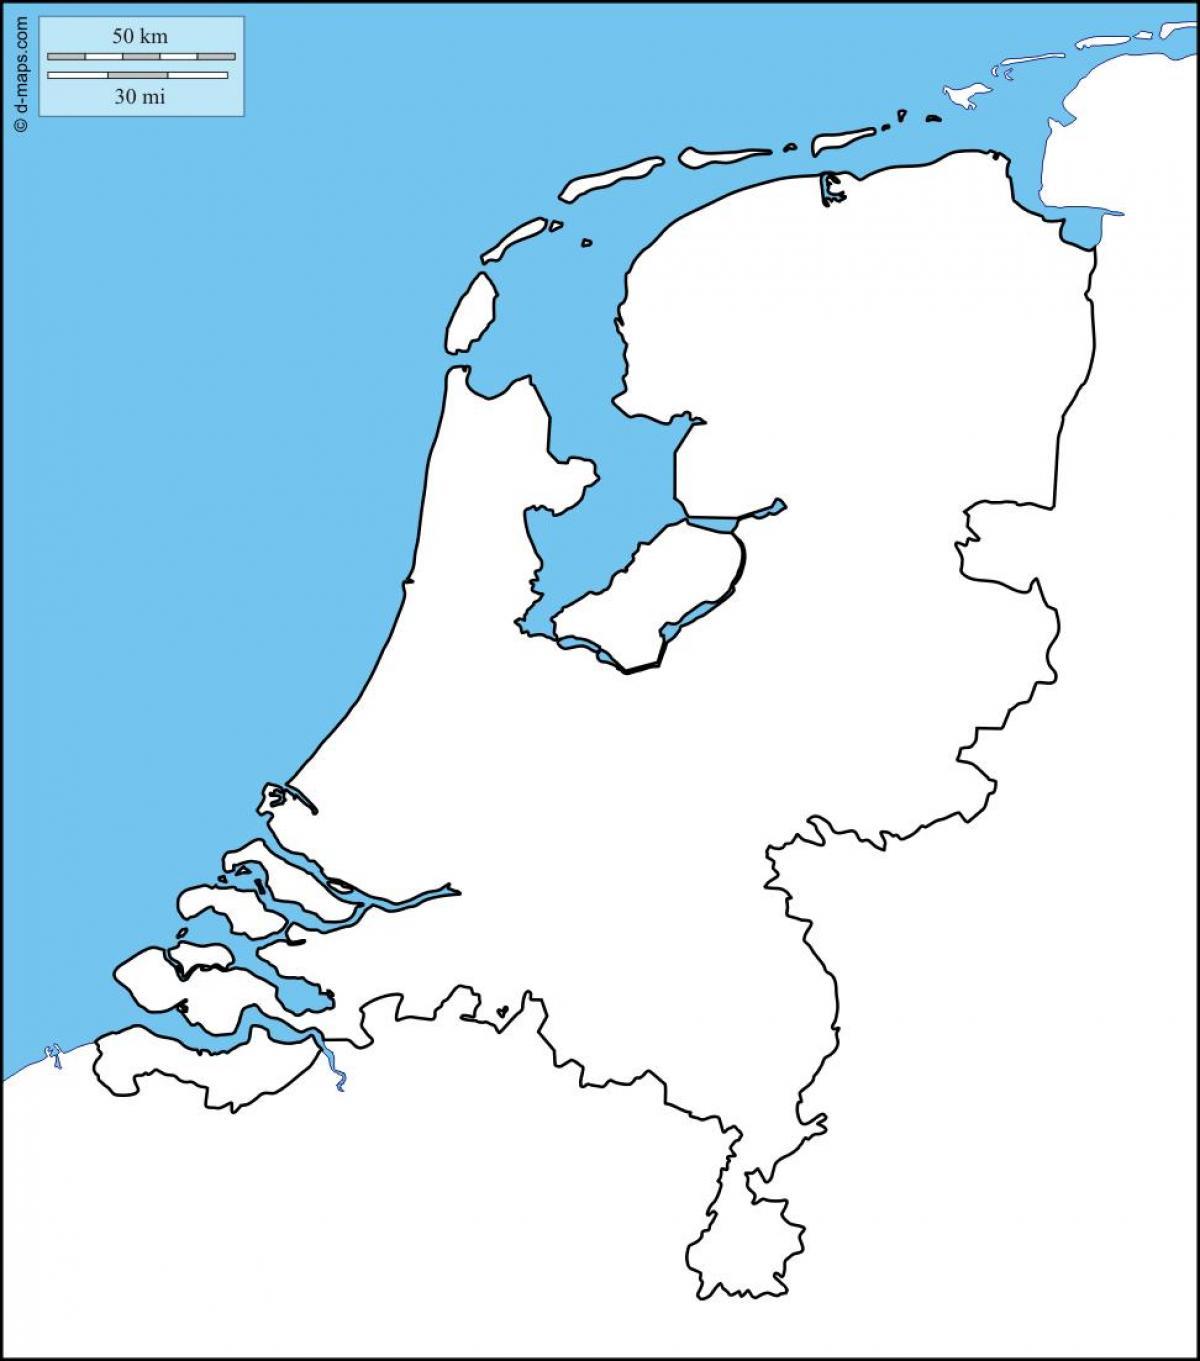 Niederlande Karte Umriss.Holland Karte Umriss Holland Leere Karte Western Europe Europe